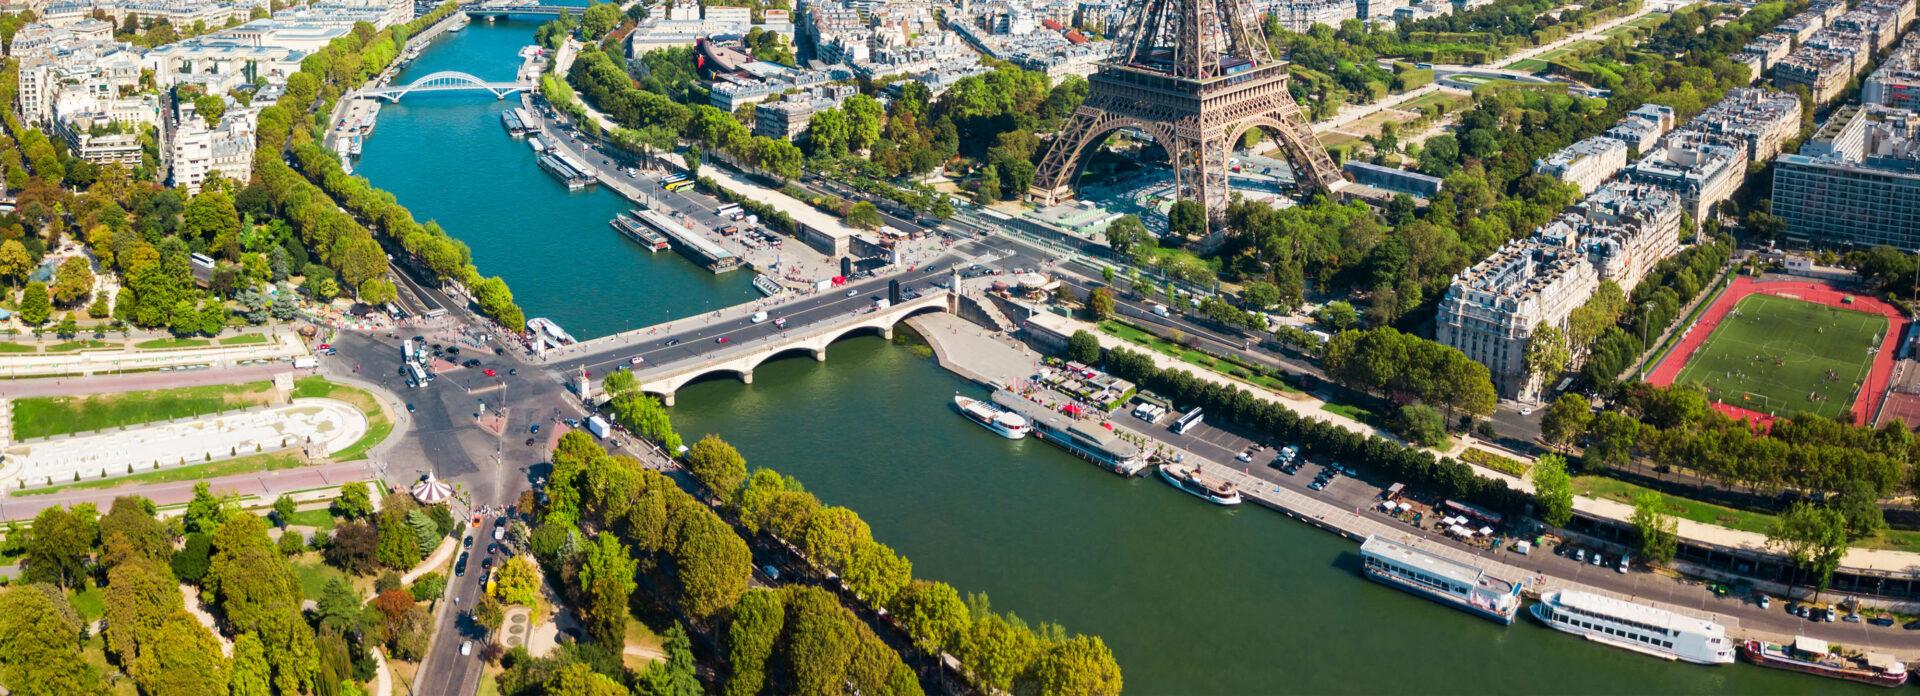 Seinen elv Paris informasjon lengde vann battur elvecruise cruise